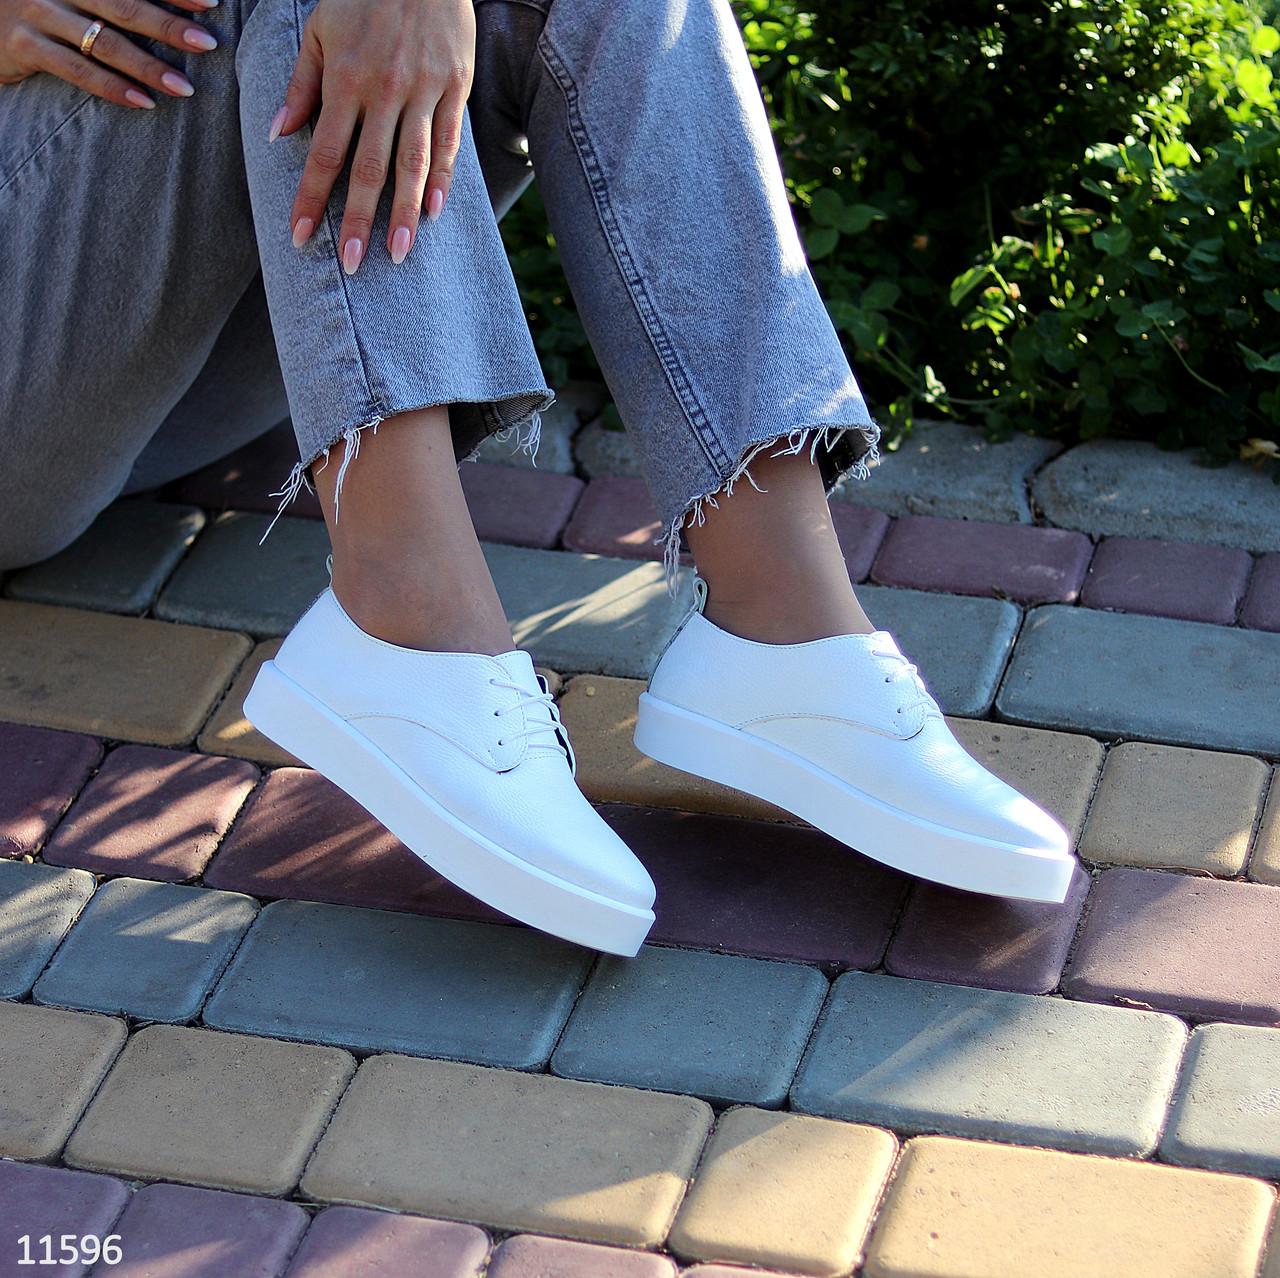 Стильні туфлі жіночі білі на шнурках натуральна шкіра